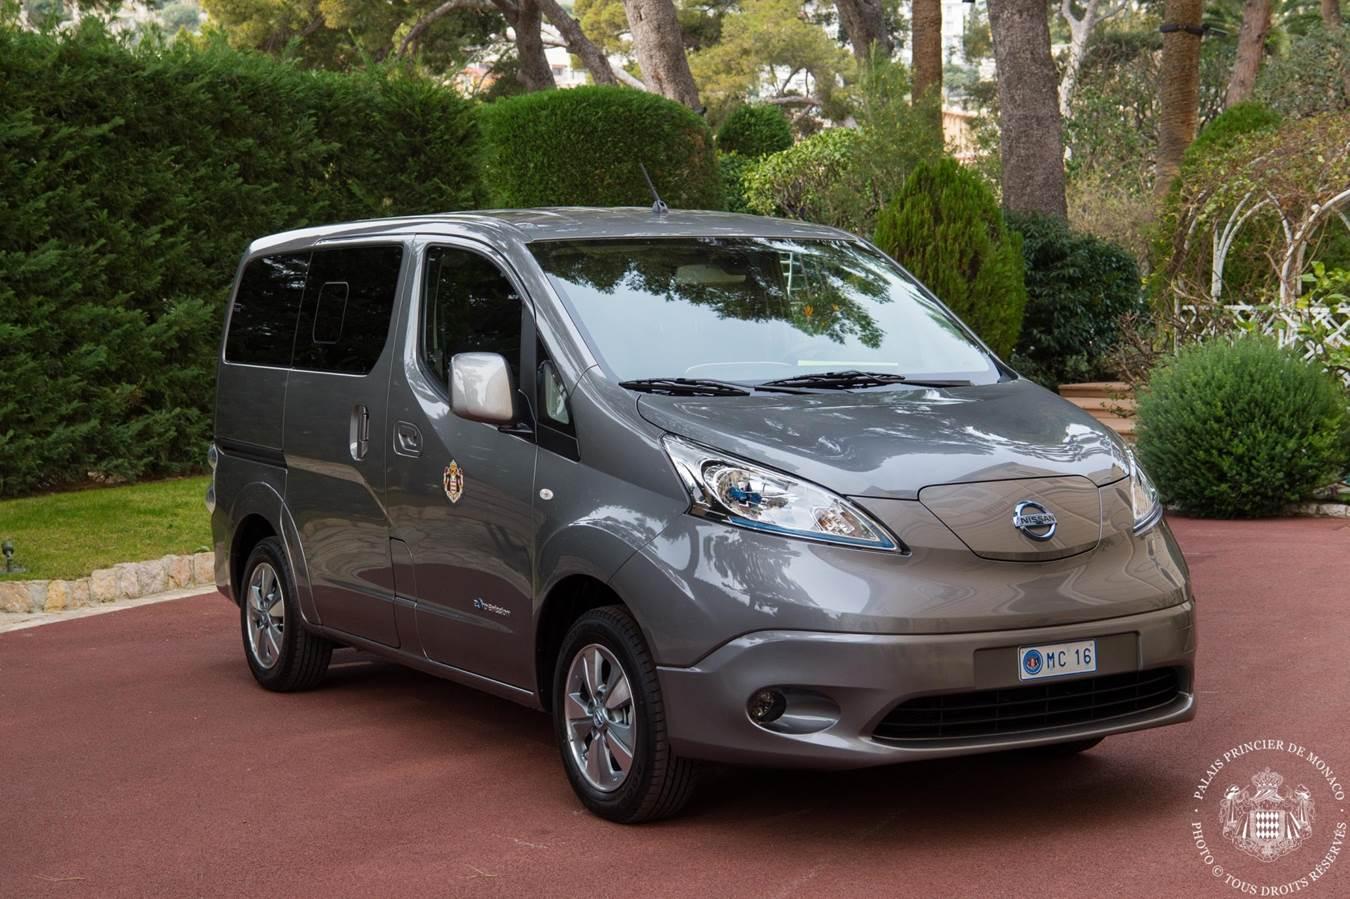 Nissan entrega dos unidades de la van cero emisiones e-NV200 al Principado de Mónaco